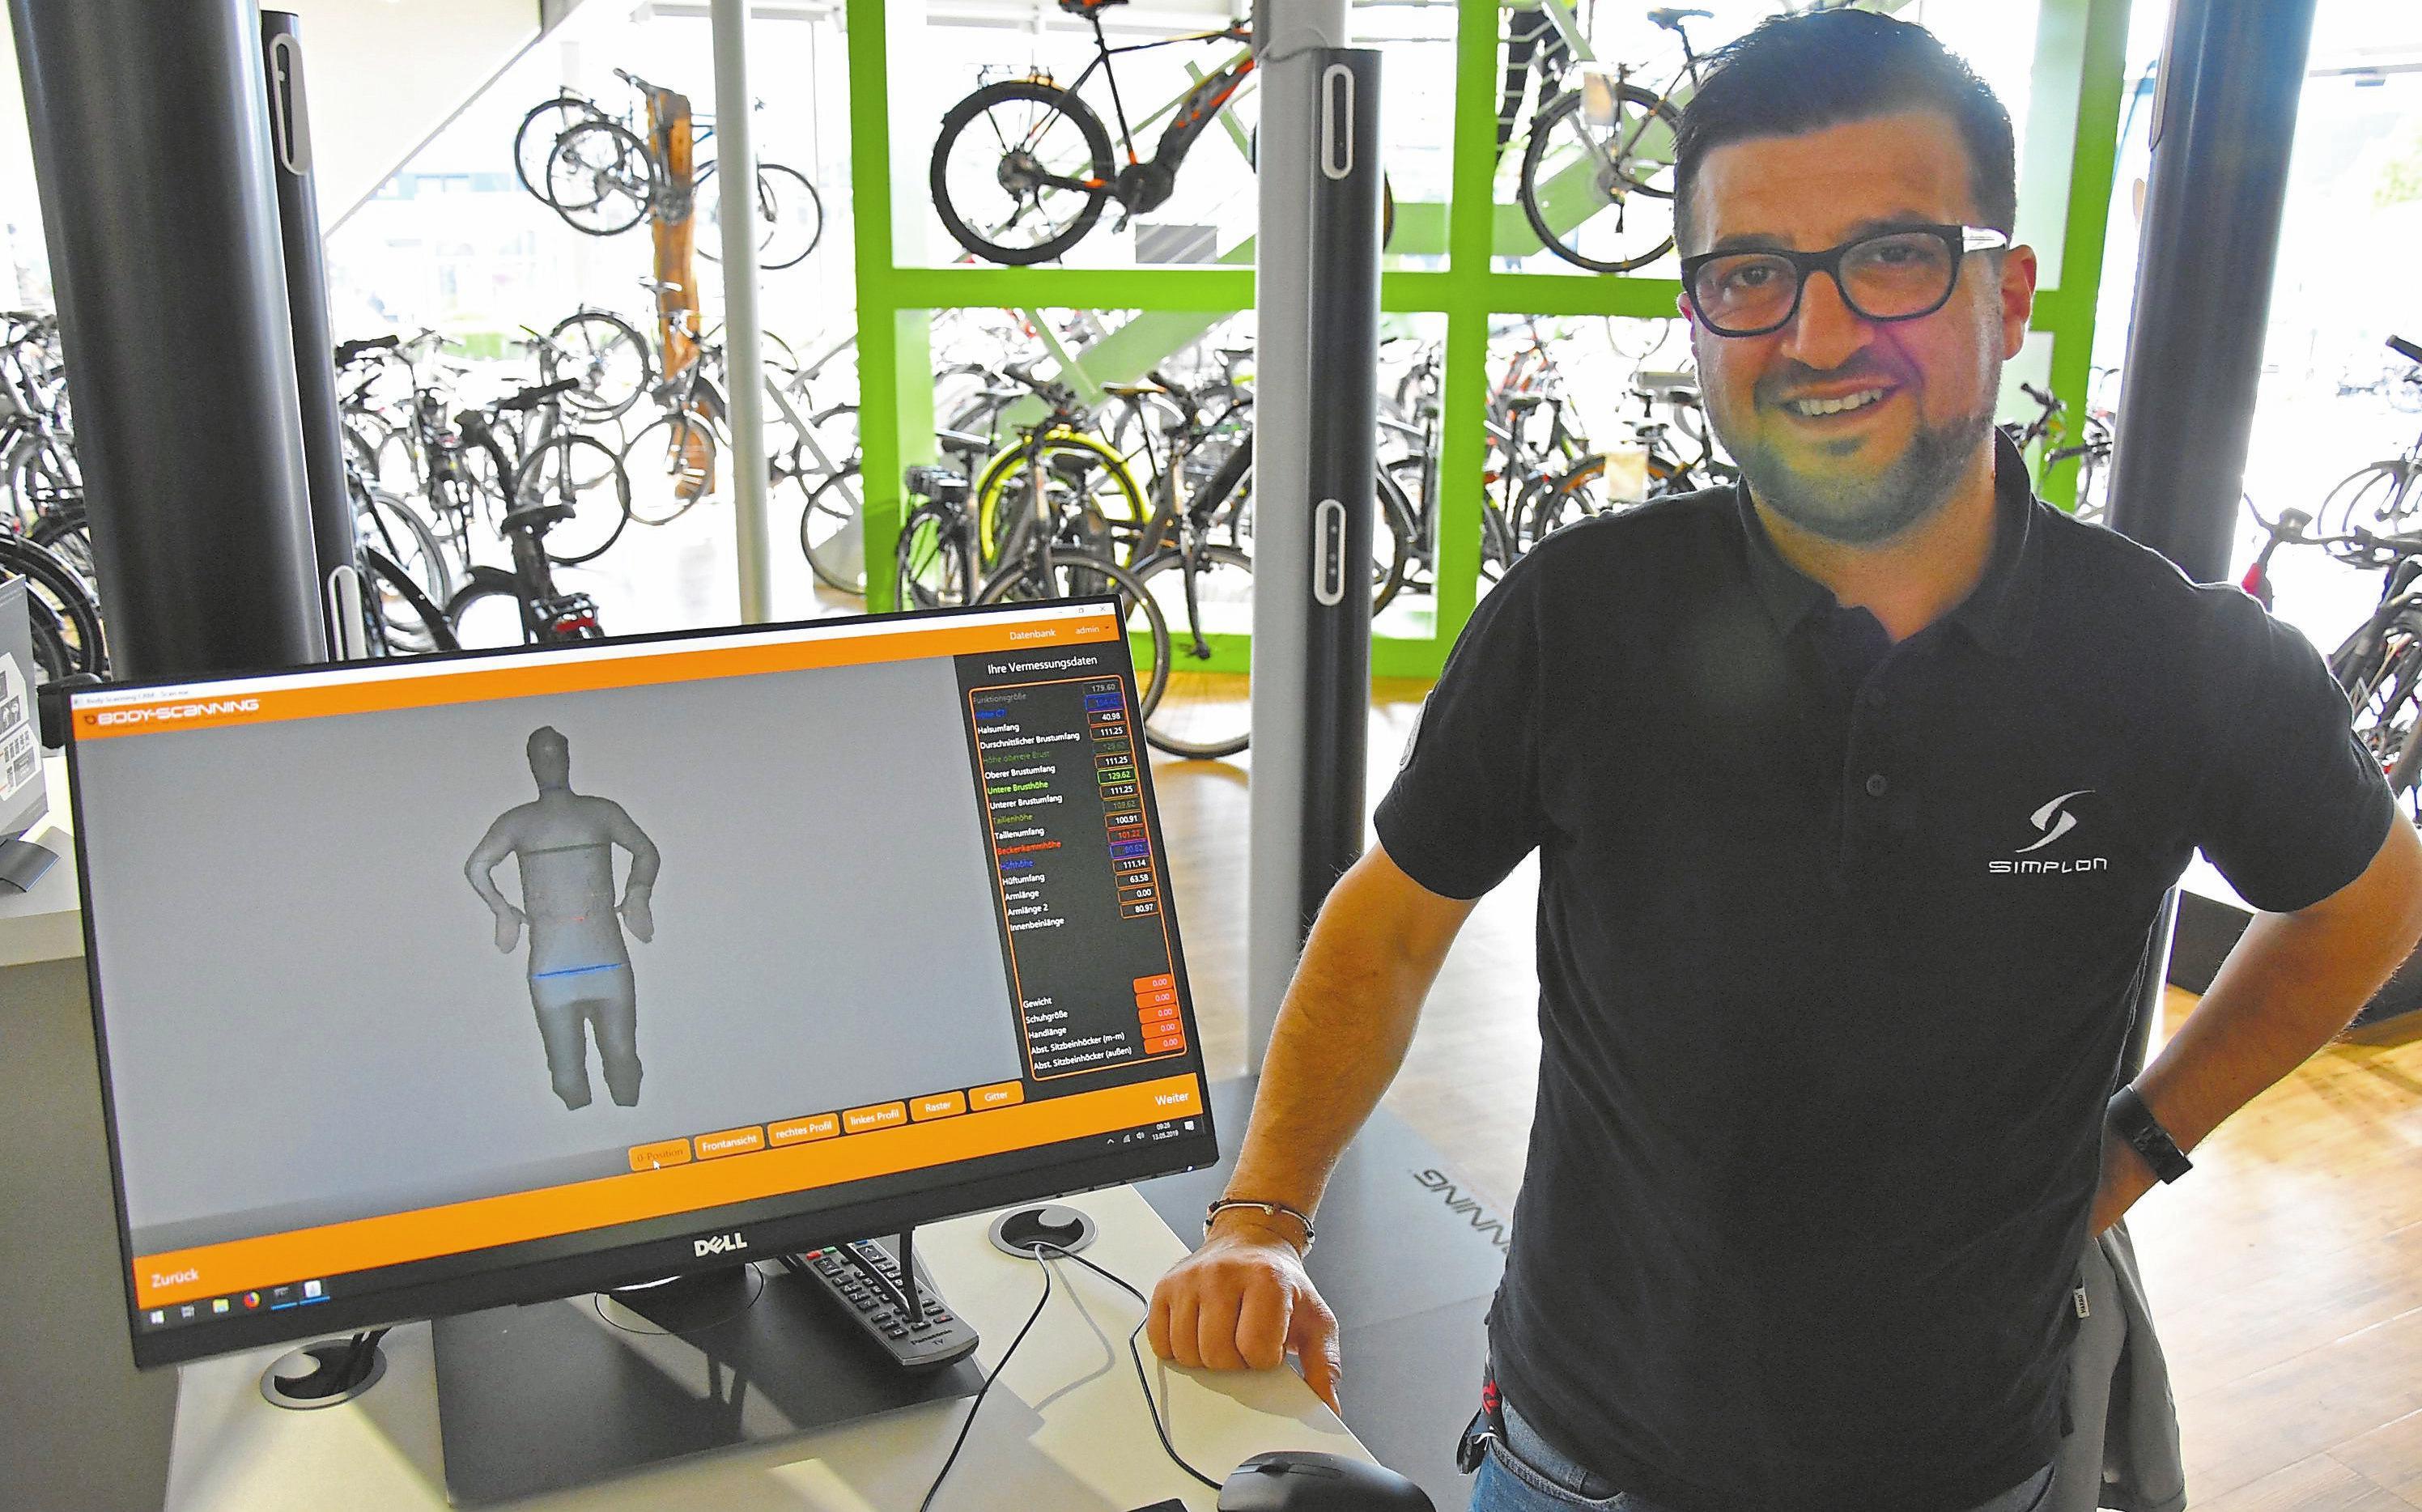 Zeyno Iflazoglu, Fachberater beim Fahrradprofi Schnieder, schwört auf die moderne Ergonomieberatung mit dem 3D-360 Grad Bodyscanning.